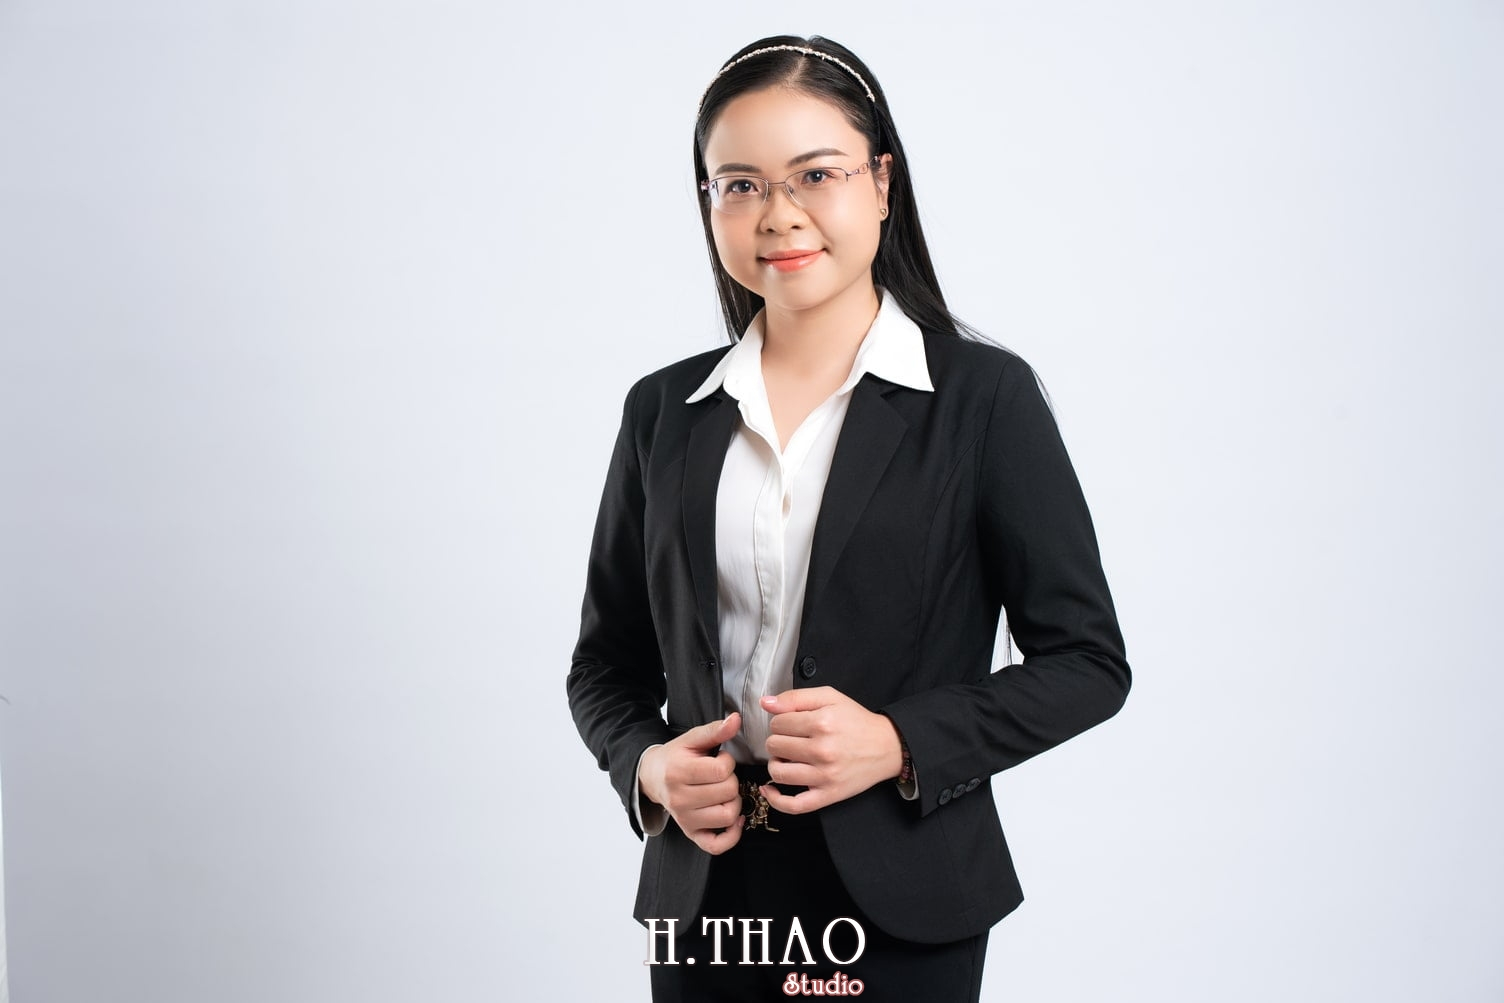 Anh Doanh nhan 6 1 - Báo giá chụp ảnh doanh nhân